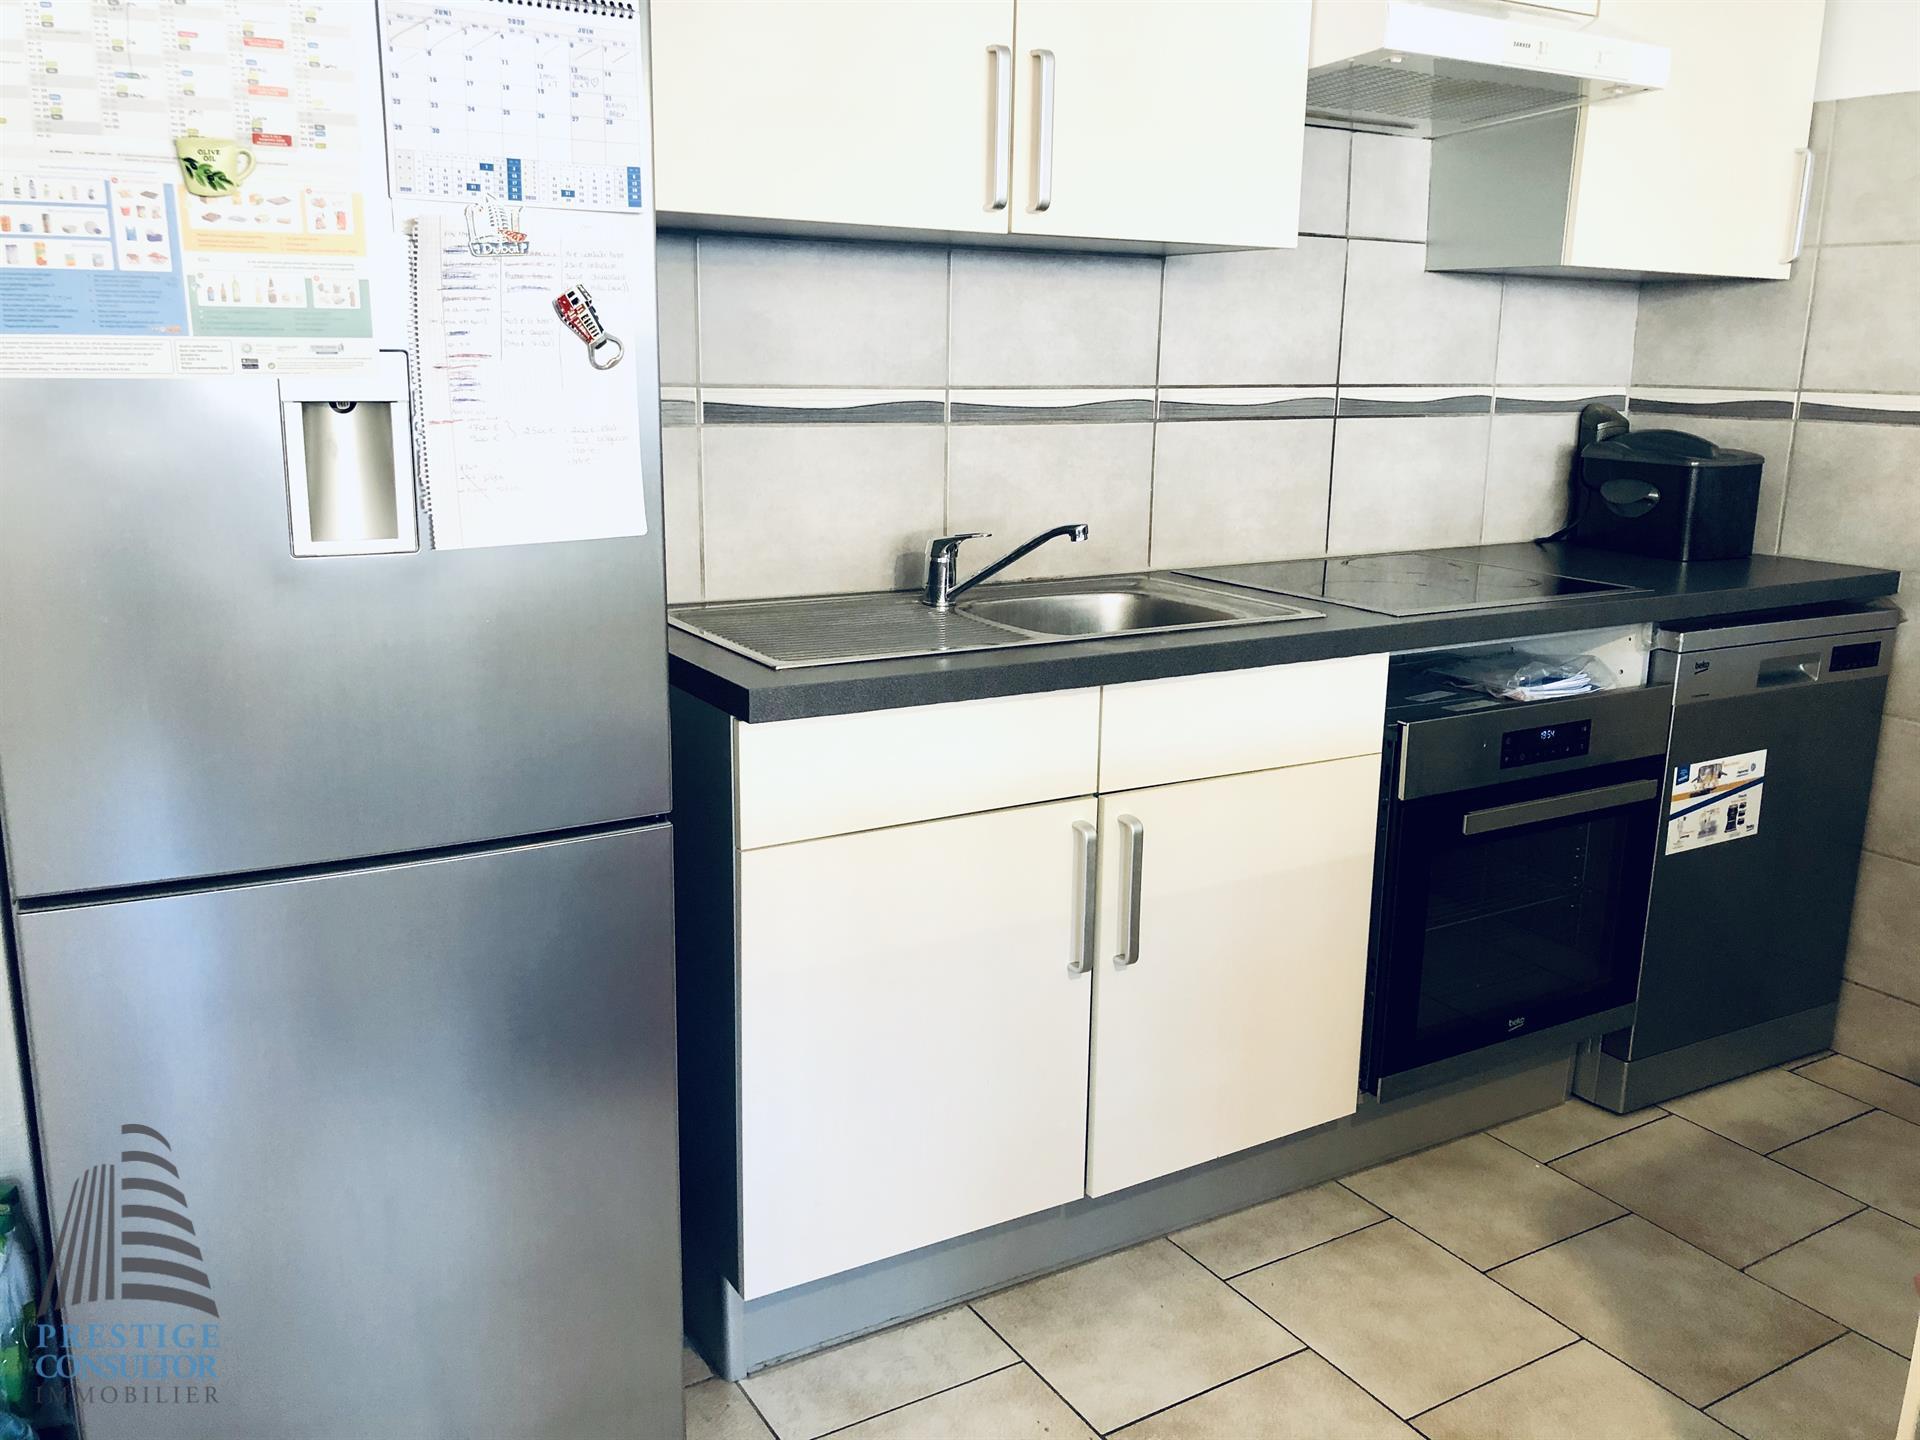 Appartement - Sint-Pieters-Leeuw - #4079020-6